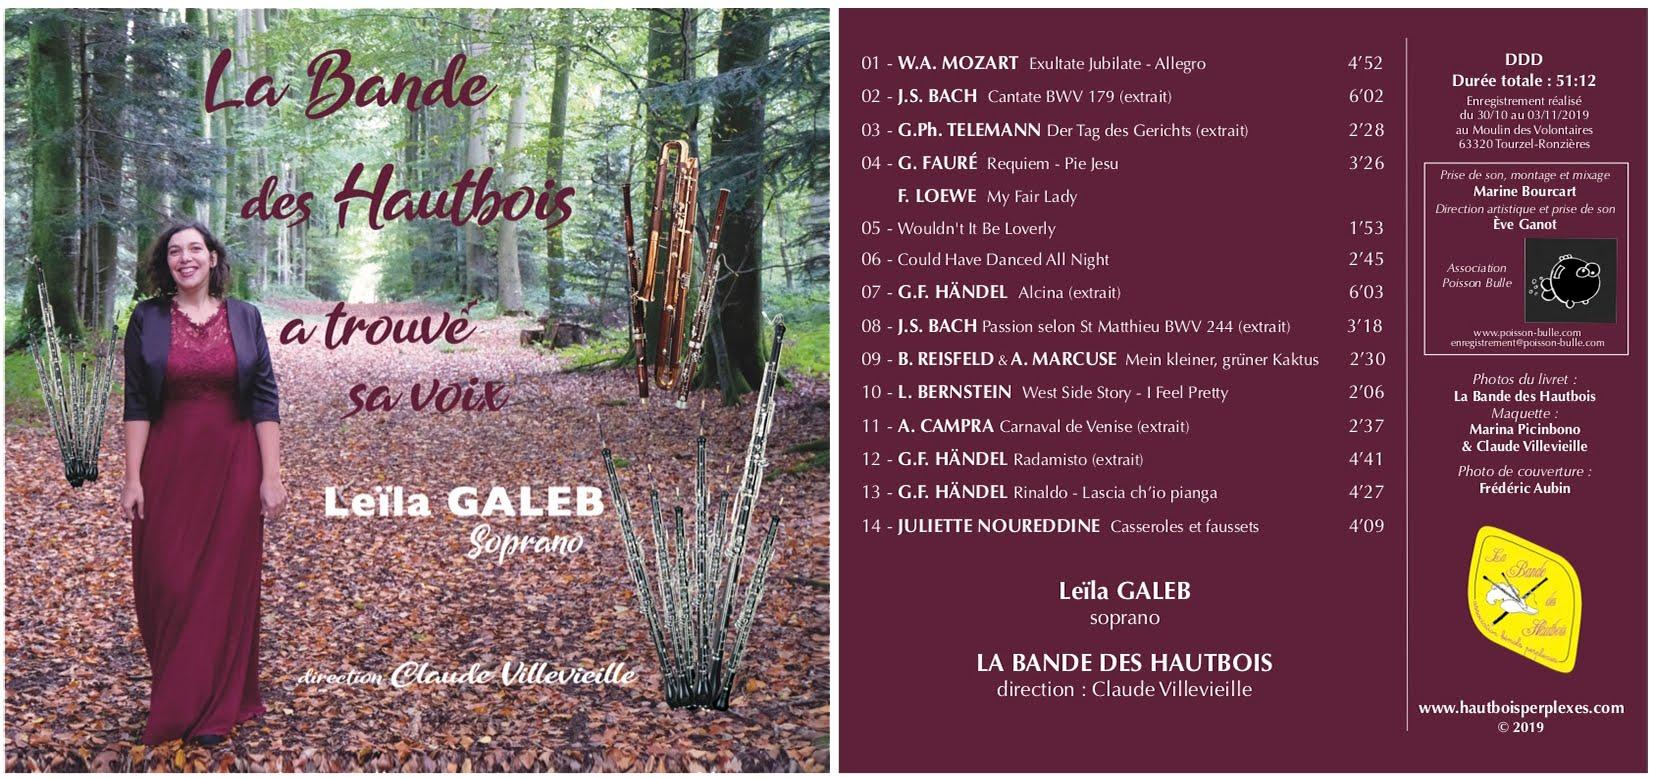 CD BHA5 : La Bande des Hautbois a trouvé sa voix - Leila Galeb